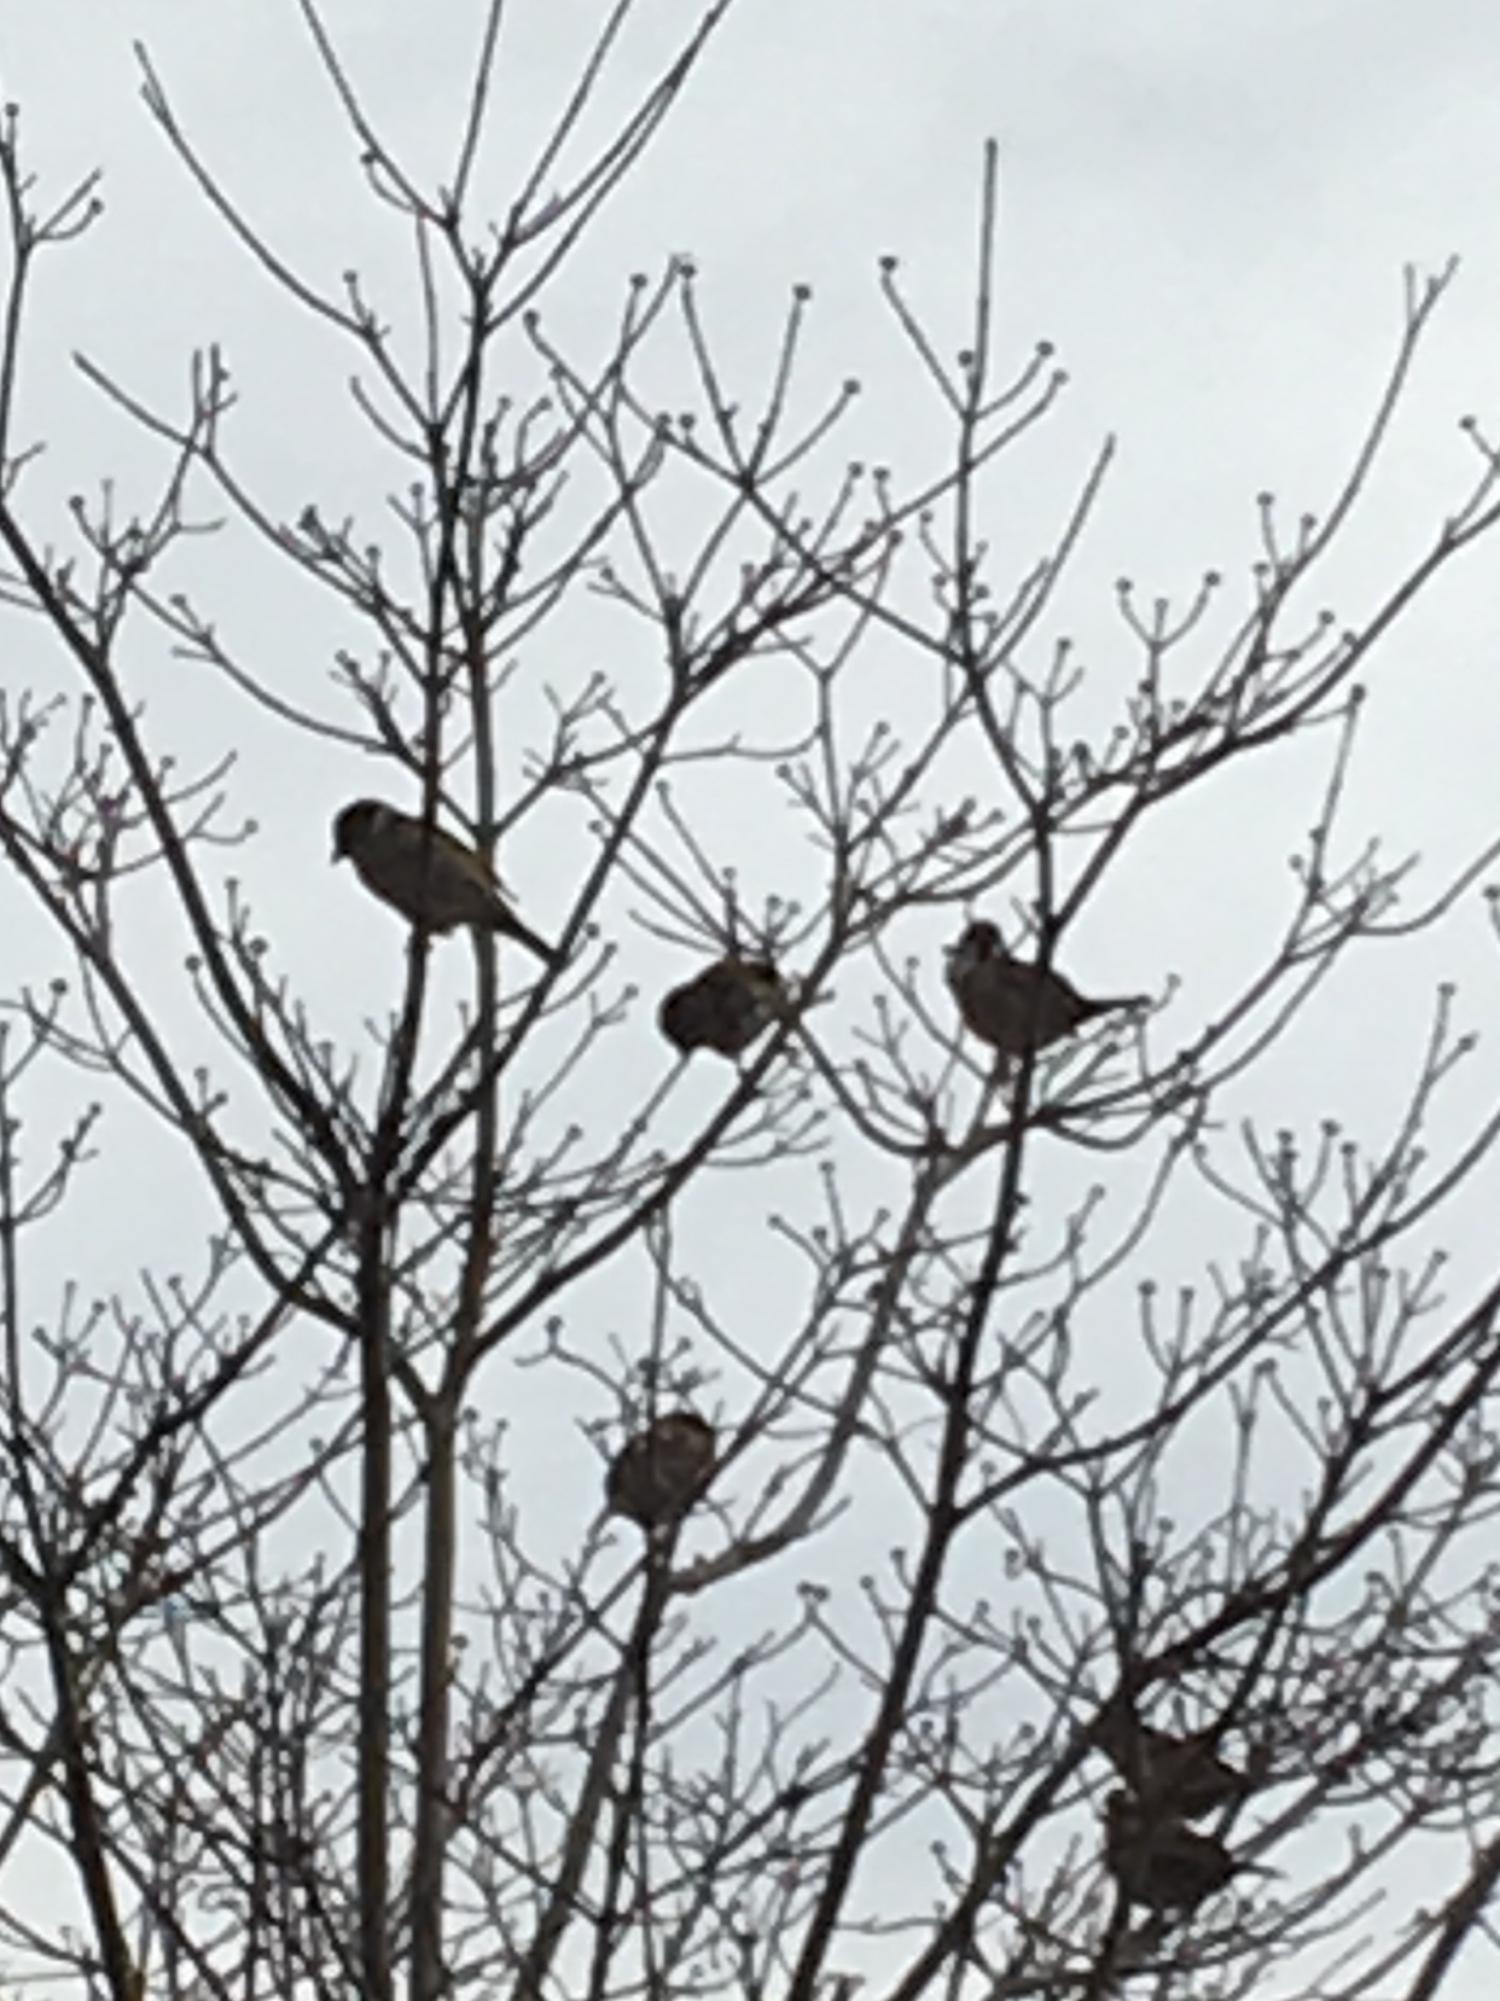 미국산딸나무의 가지에 몇 마리의 참새